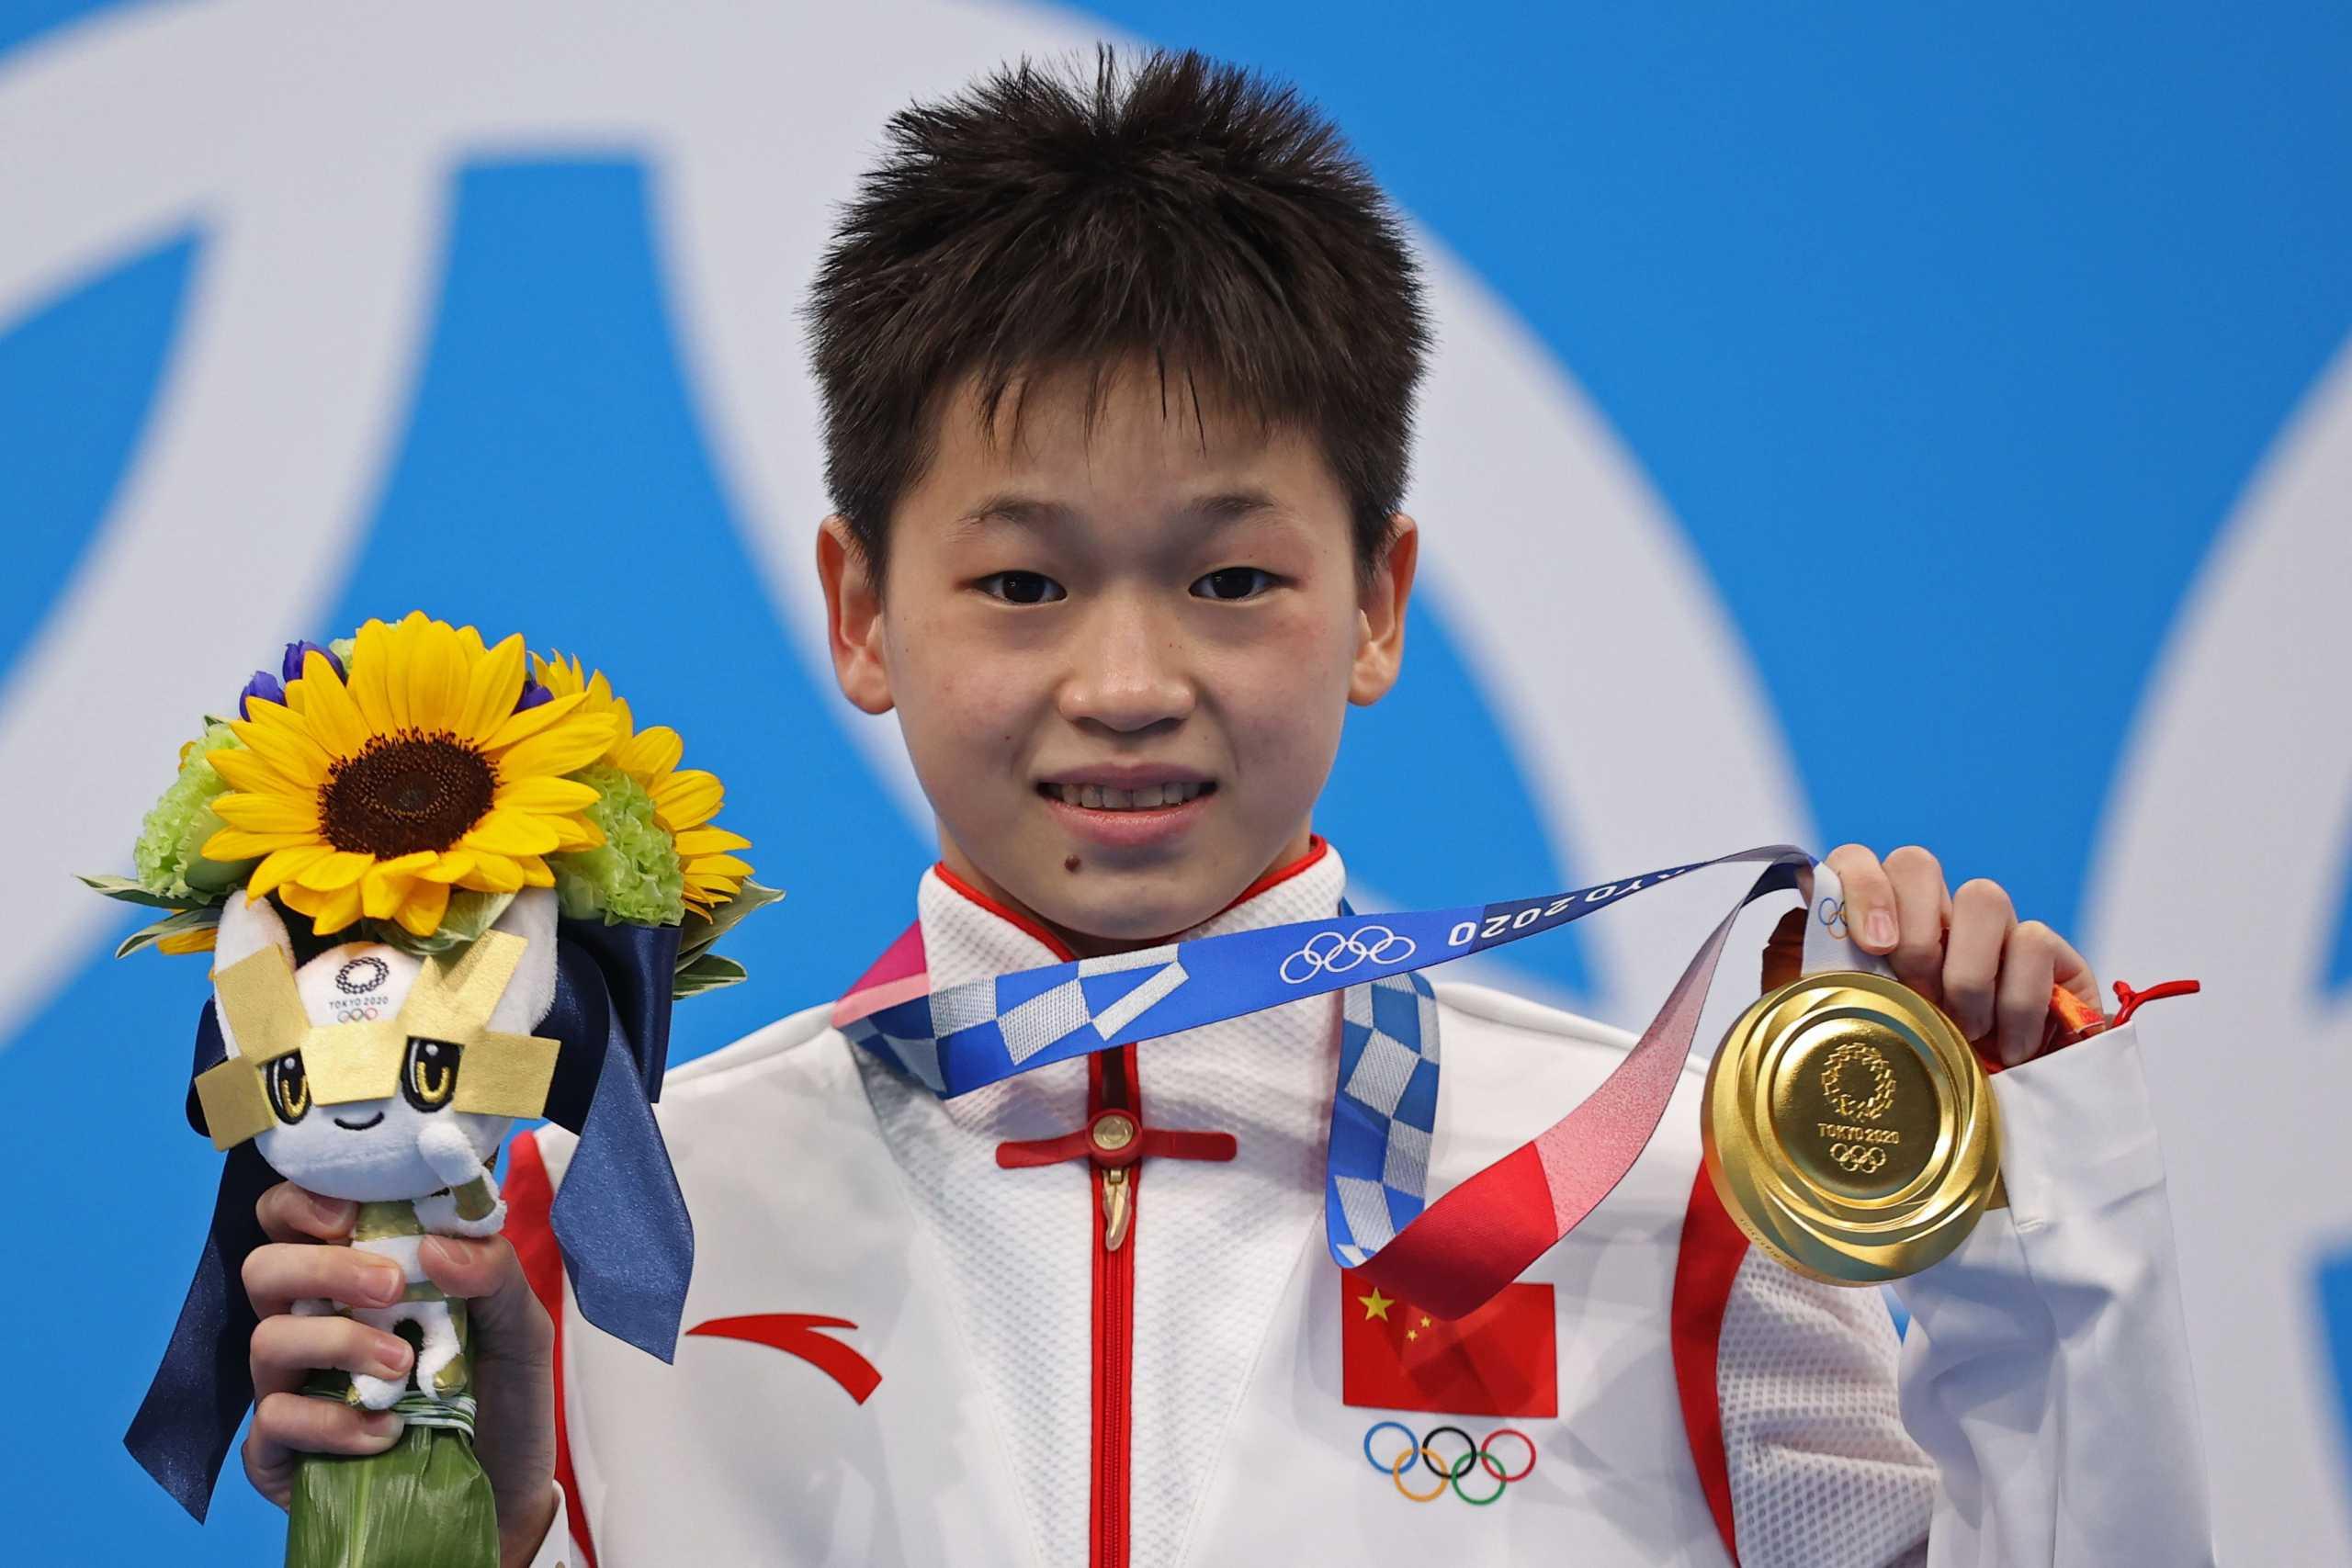 Ολυμπιακοί Αγώνες – Καταδύσεις: Χρυσή ολυμπιονίκης, ετών 14